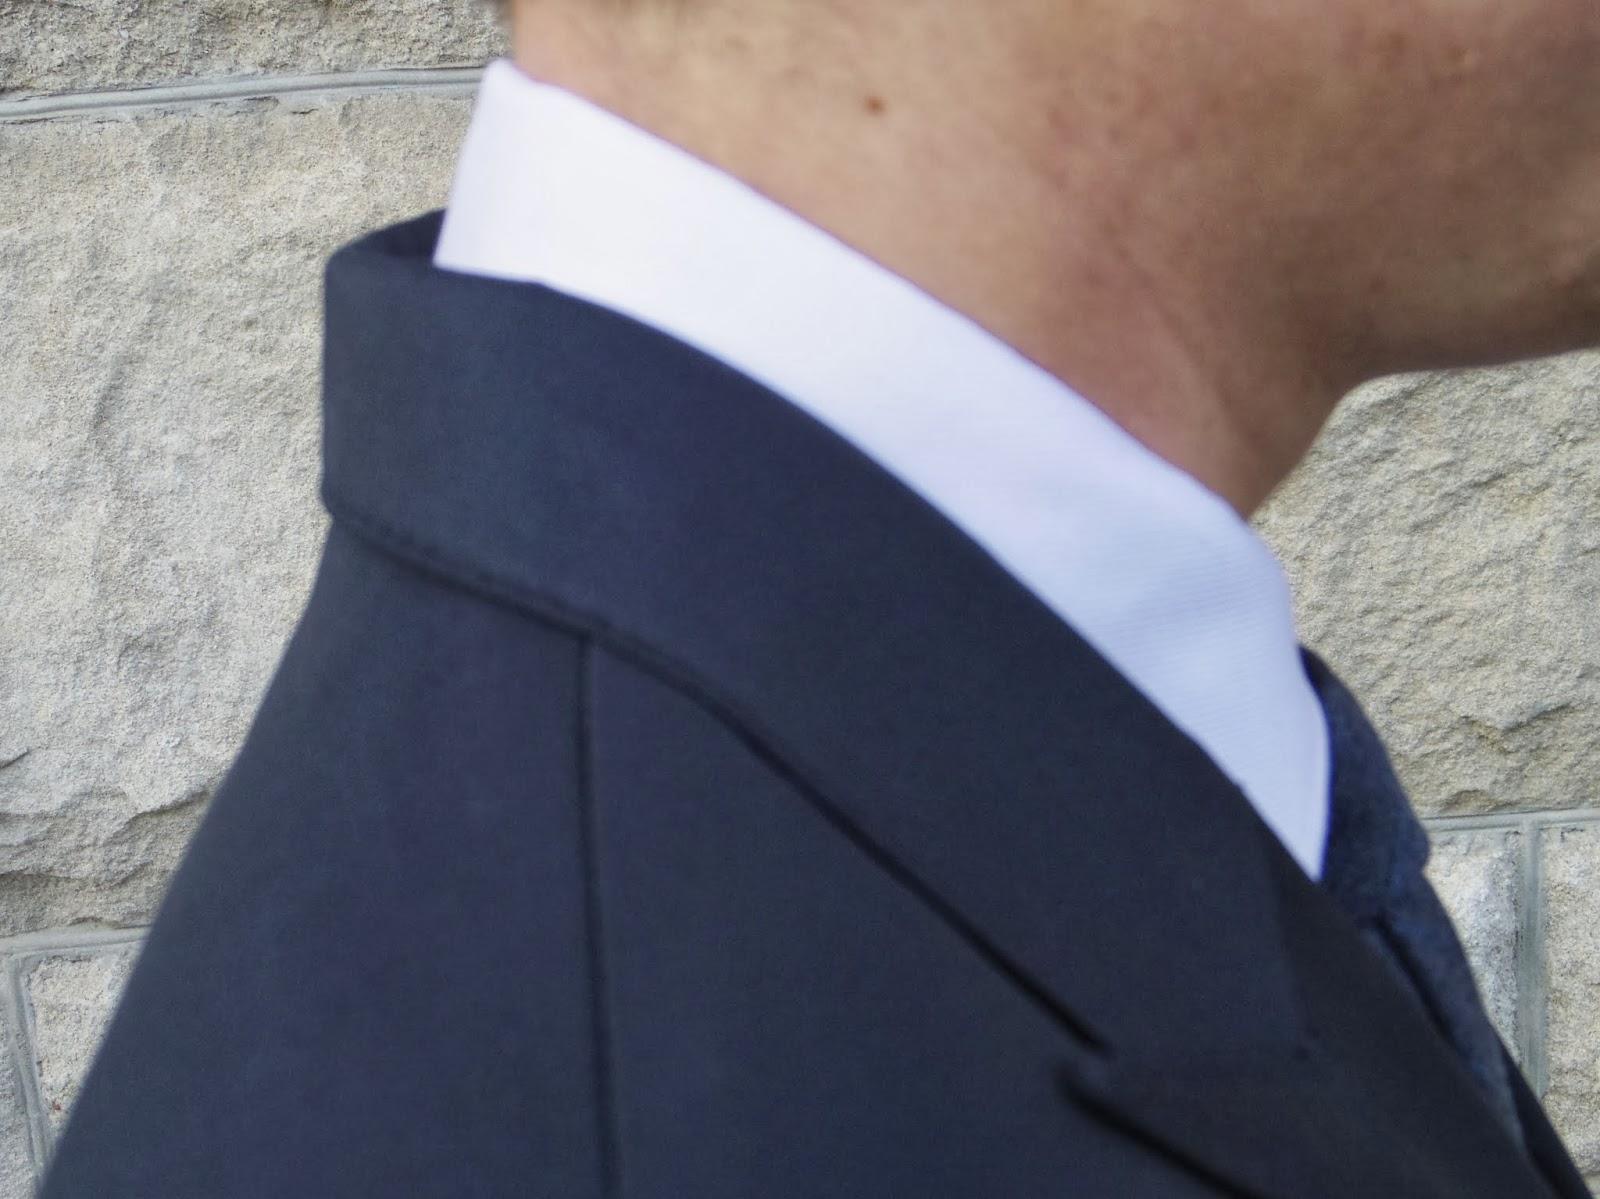 alter shirt collar